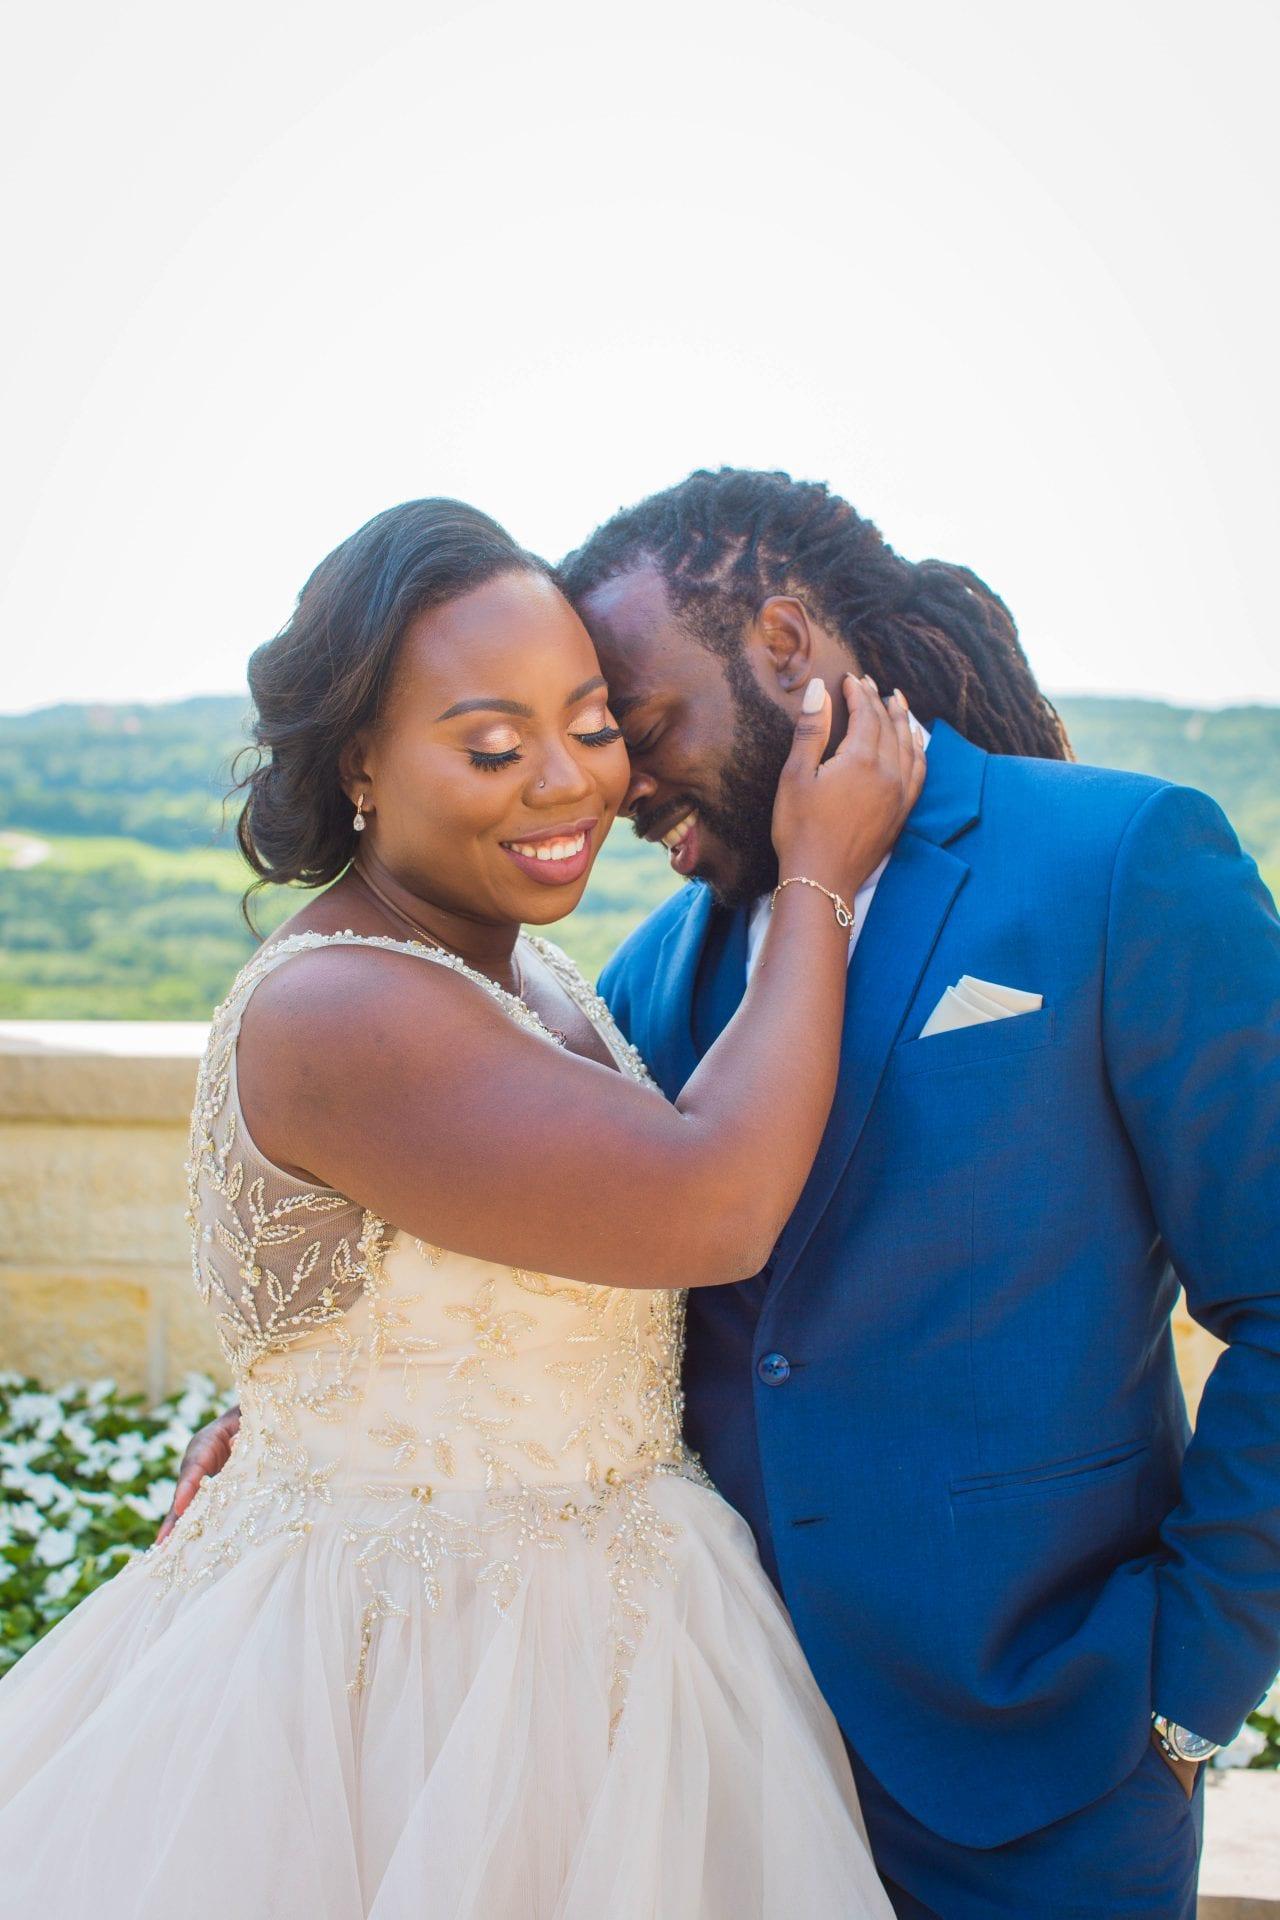 Onyema wedding La Cantera bride blushing couple photo